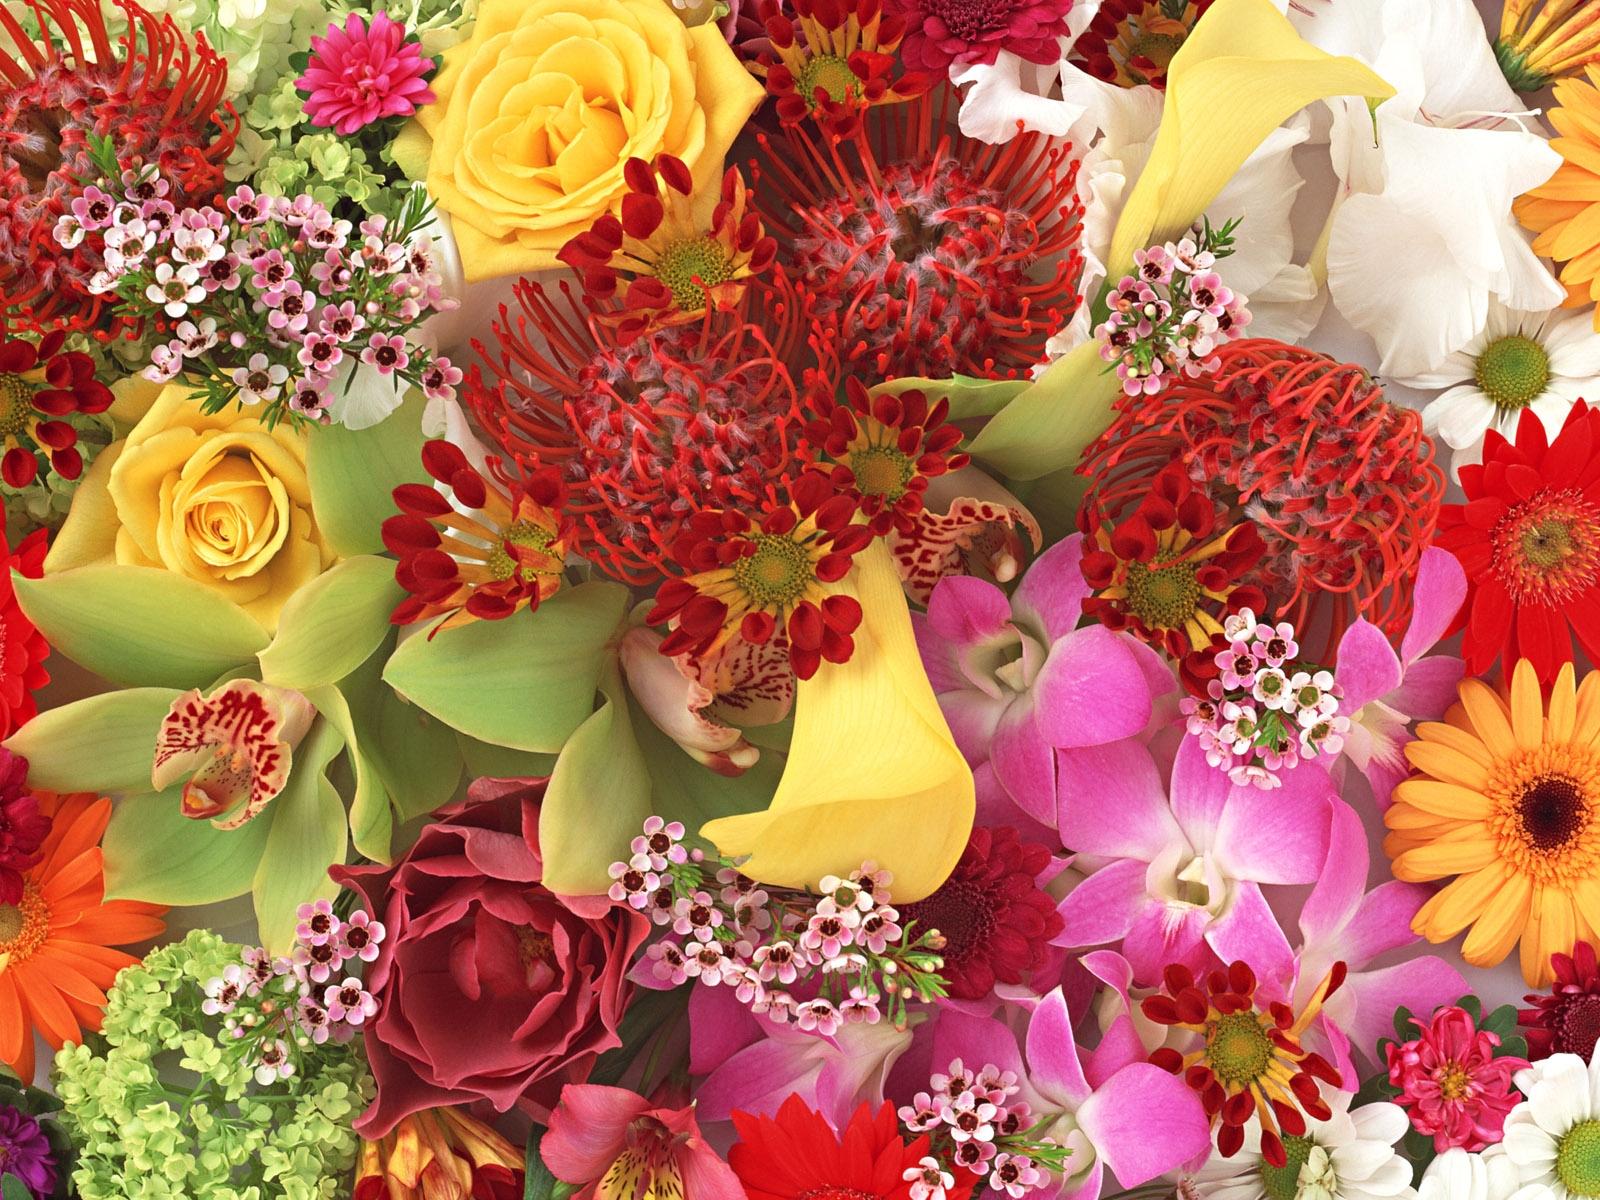 Прикольные поздравления, красивые открытки цветы картинки